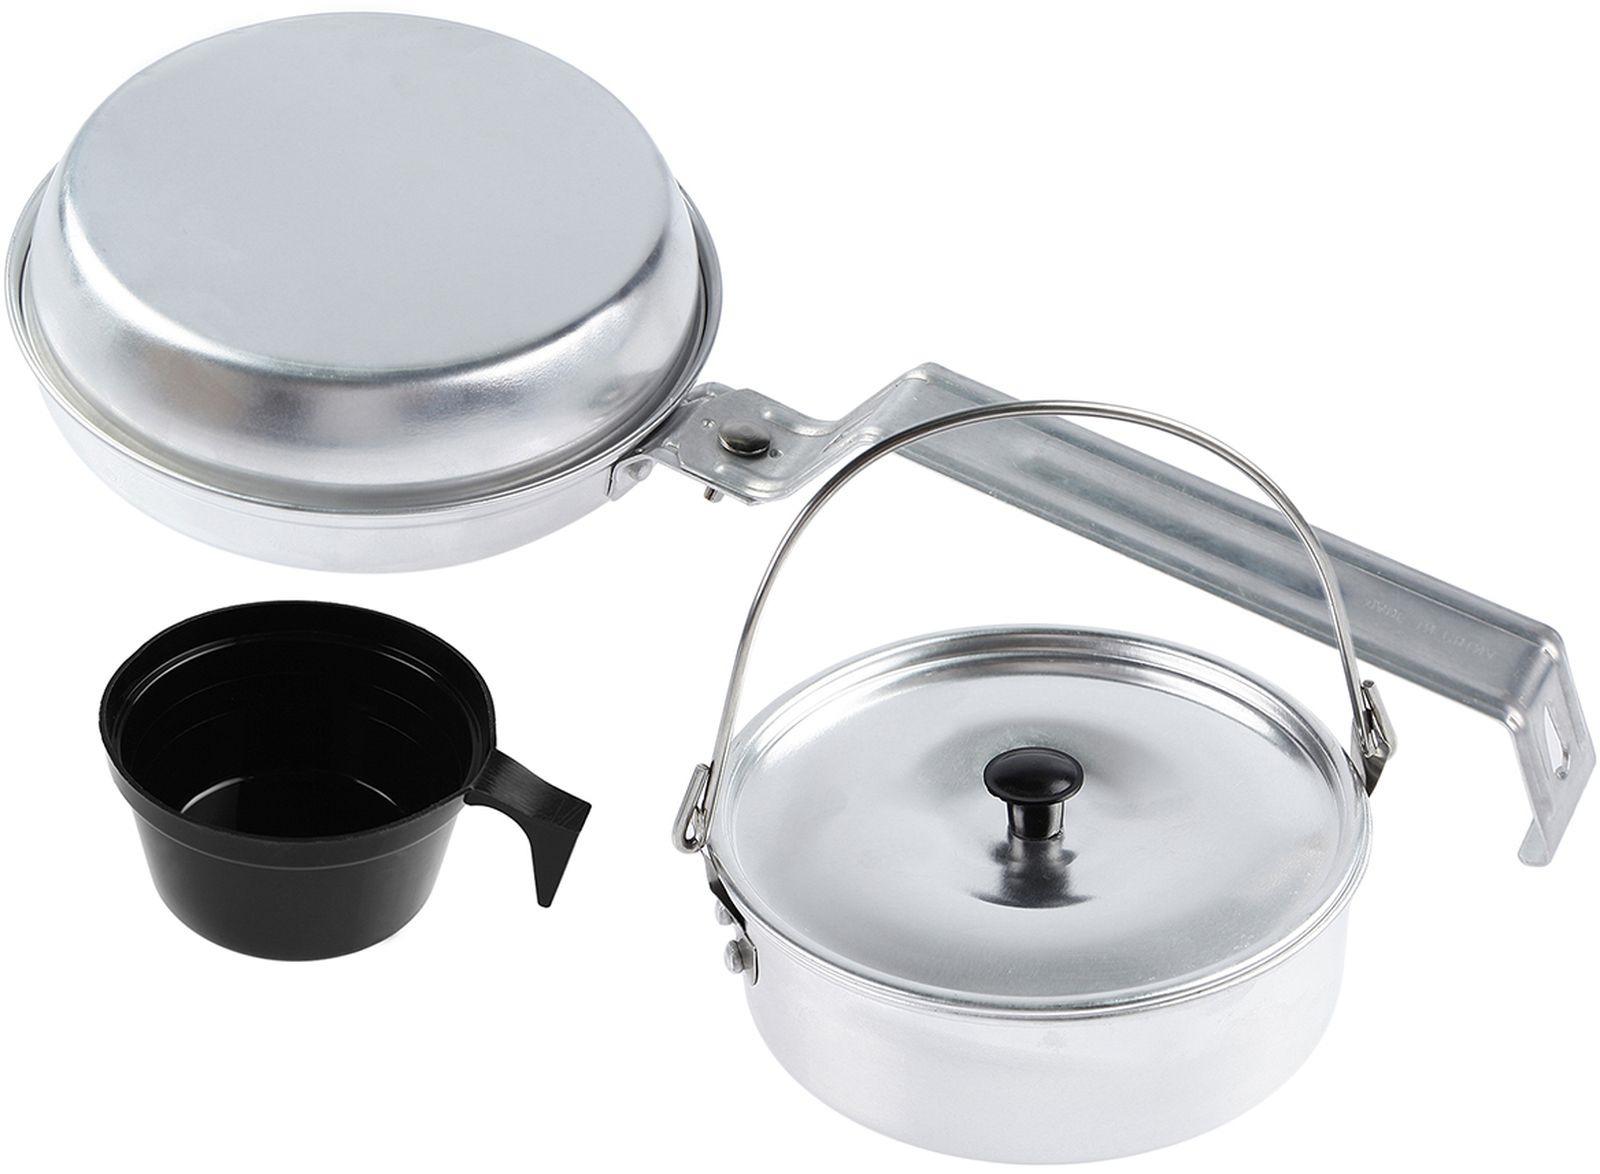 Набор походной посуды Следопыт Персона, 4199394, 4 предмета набор походной посуды tatonka picnic set 9 предметов